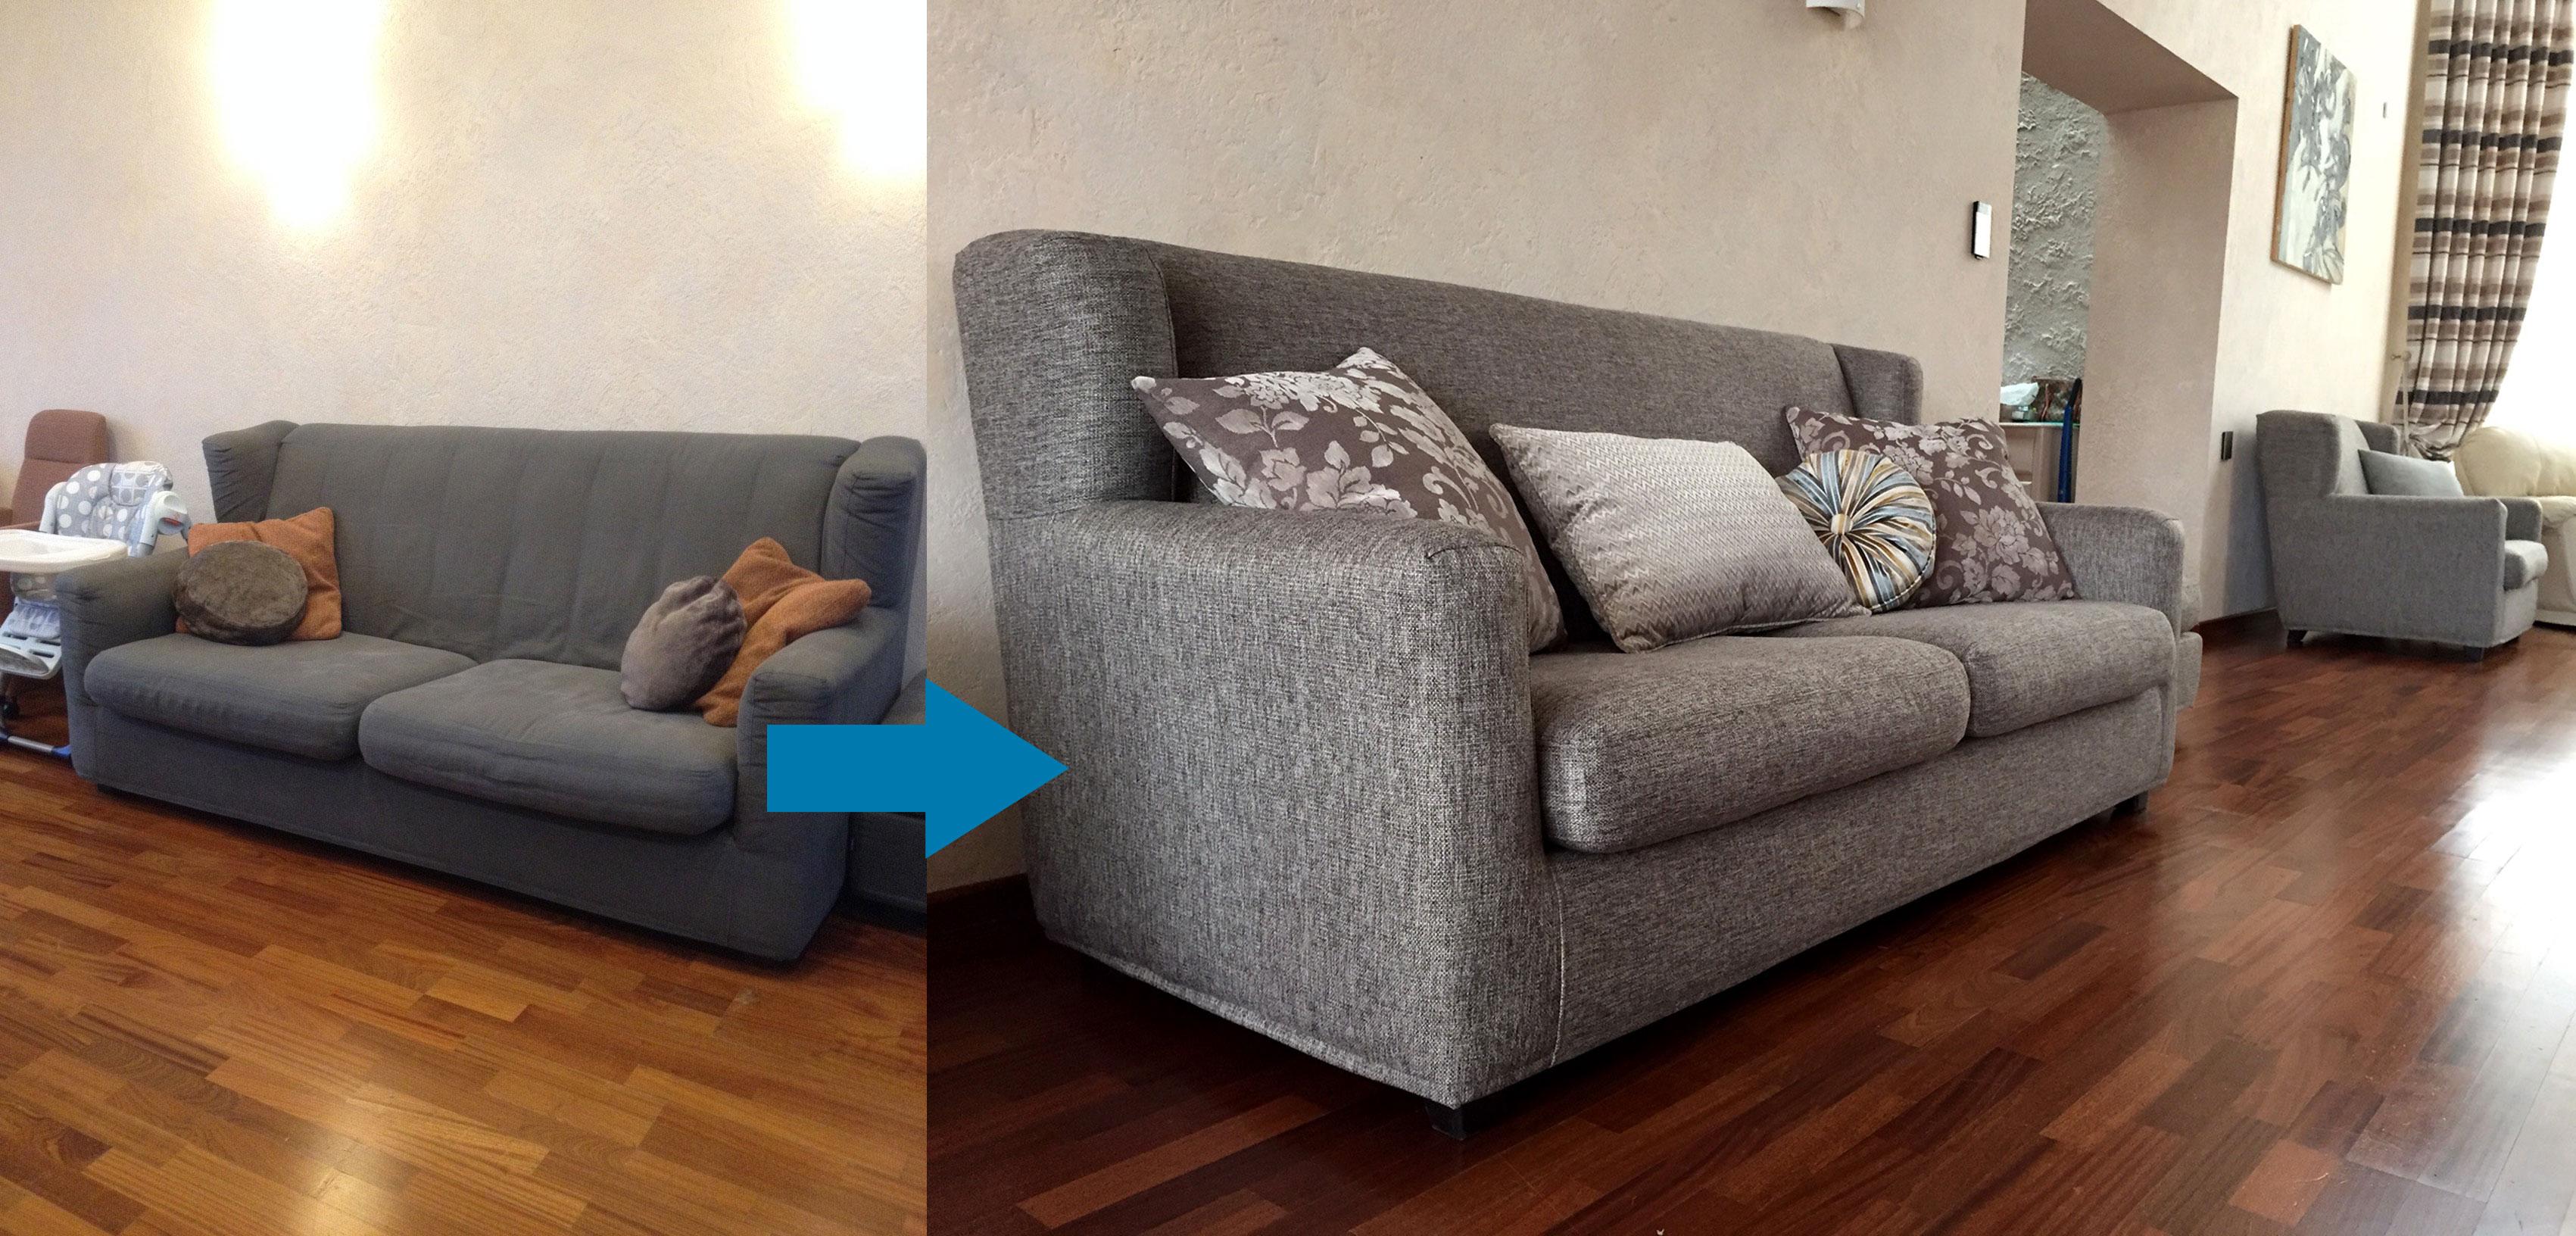 Пример замена обивки мягкой мебели